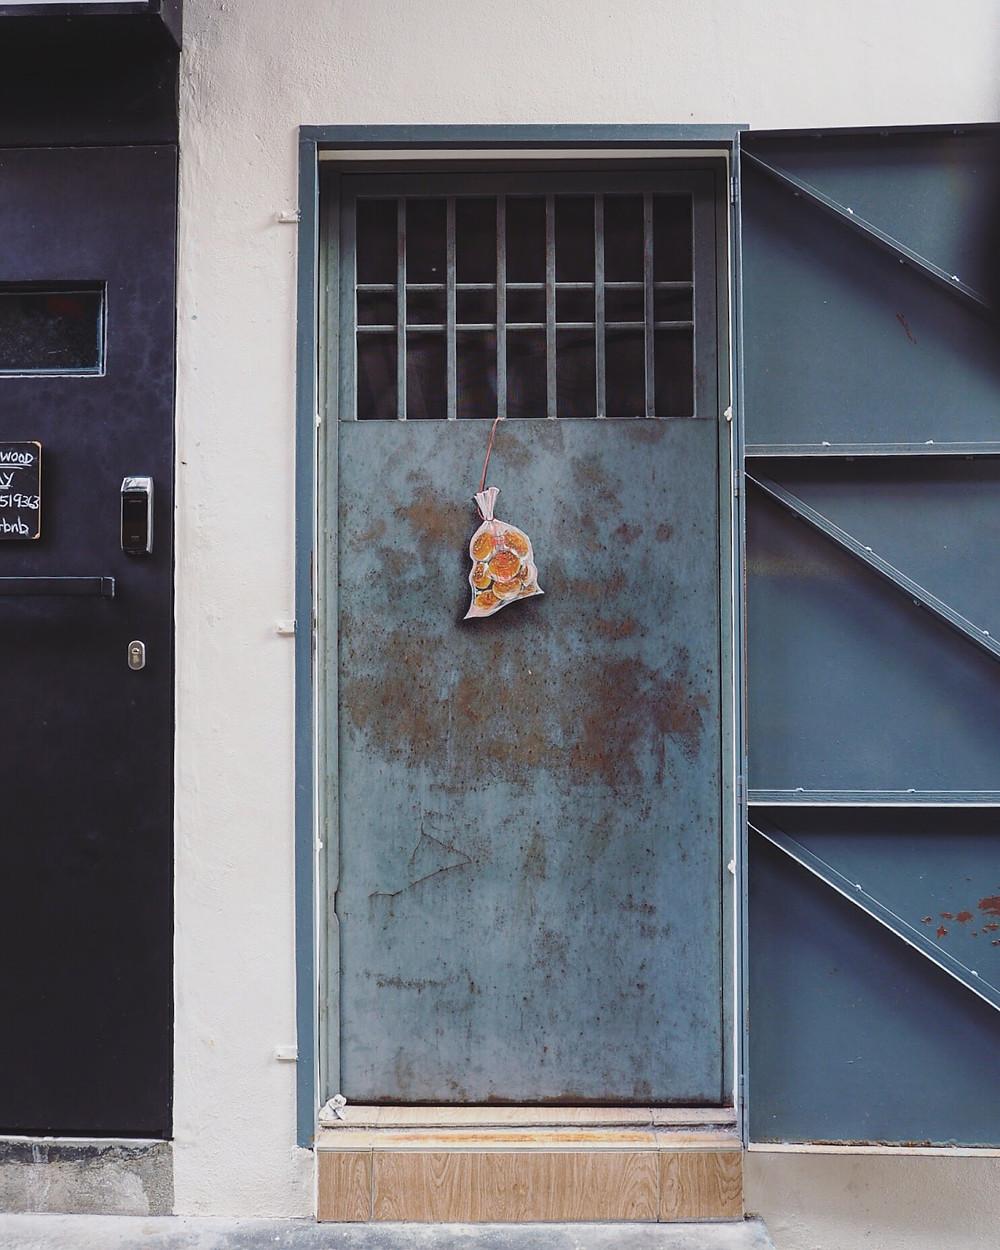 怡保二奶巷壁画